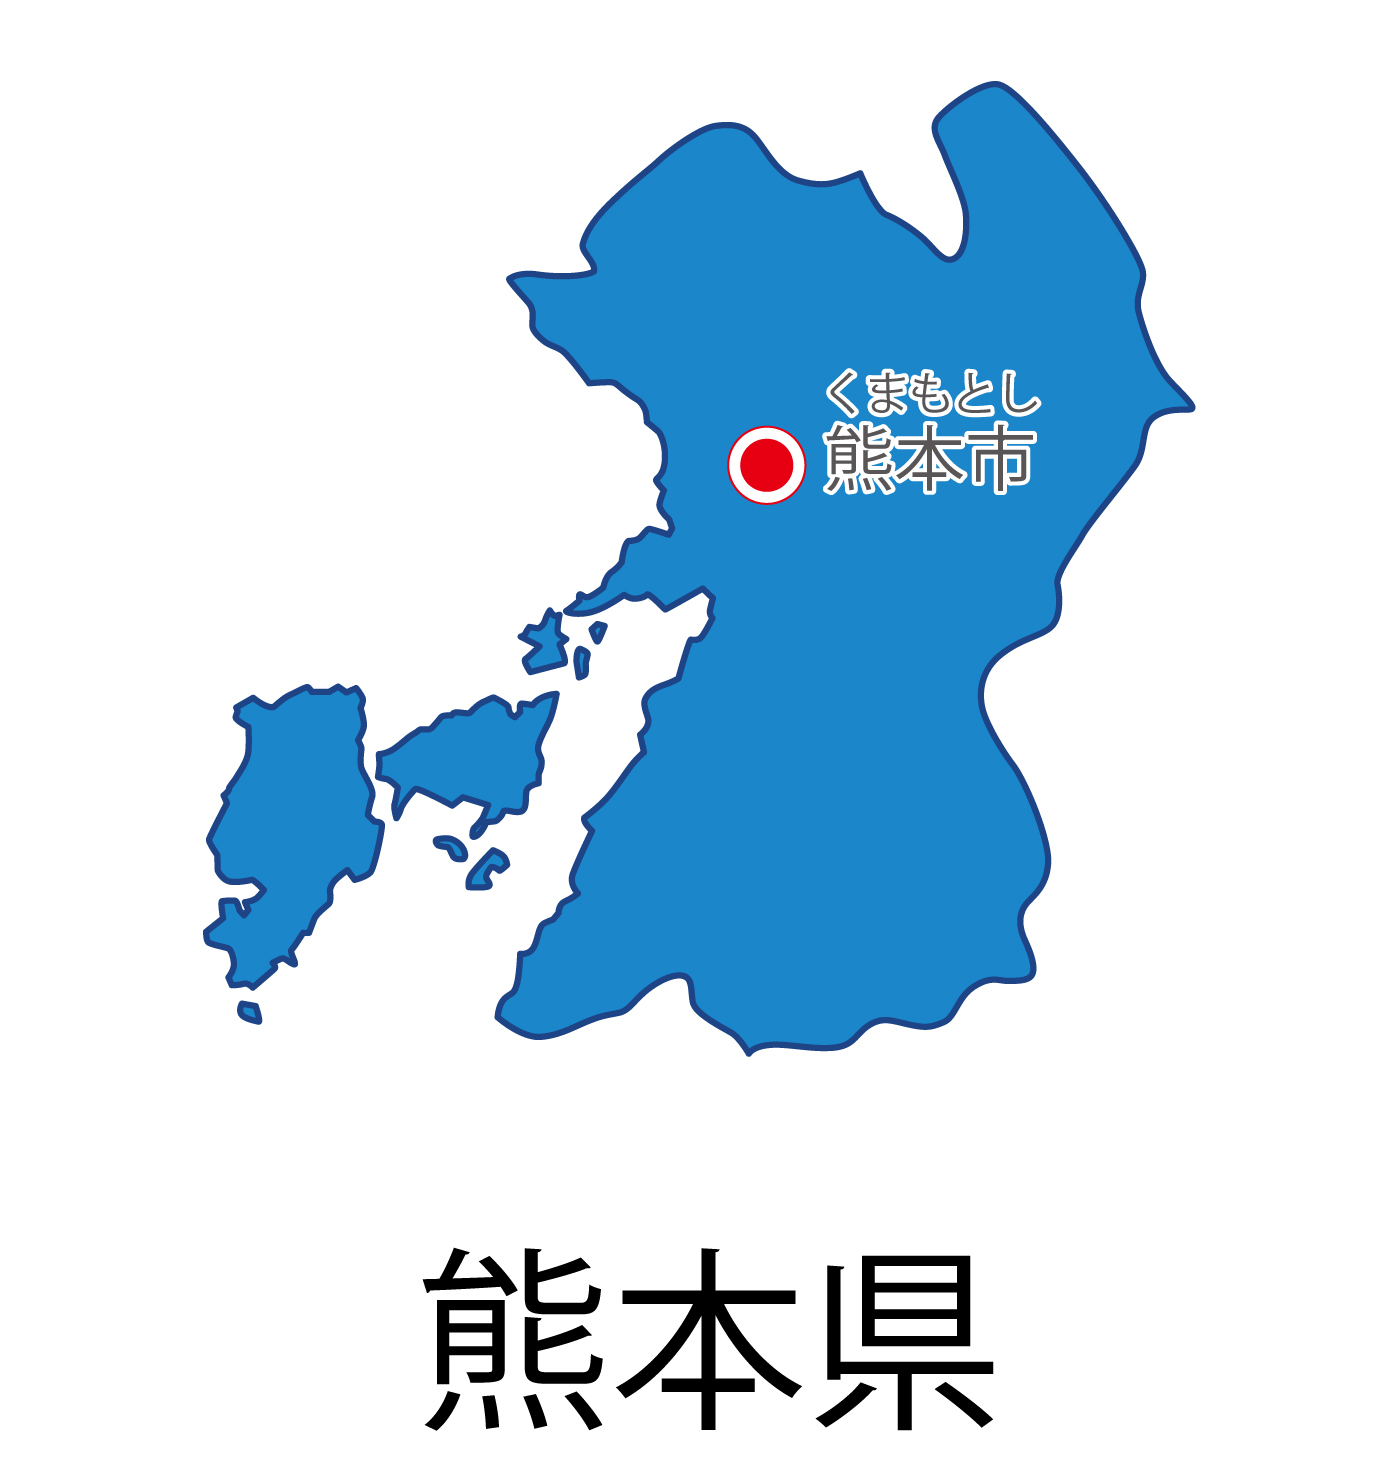 熊本県無料フリーイラスト|日本語・都道府県名あり・県庁所在地あり・ルビあり(青)